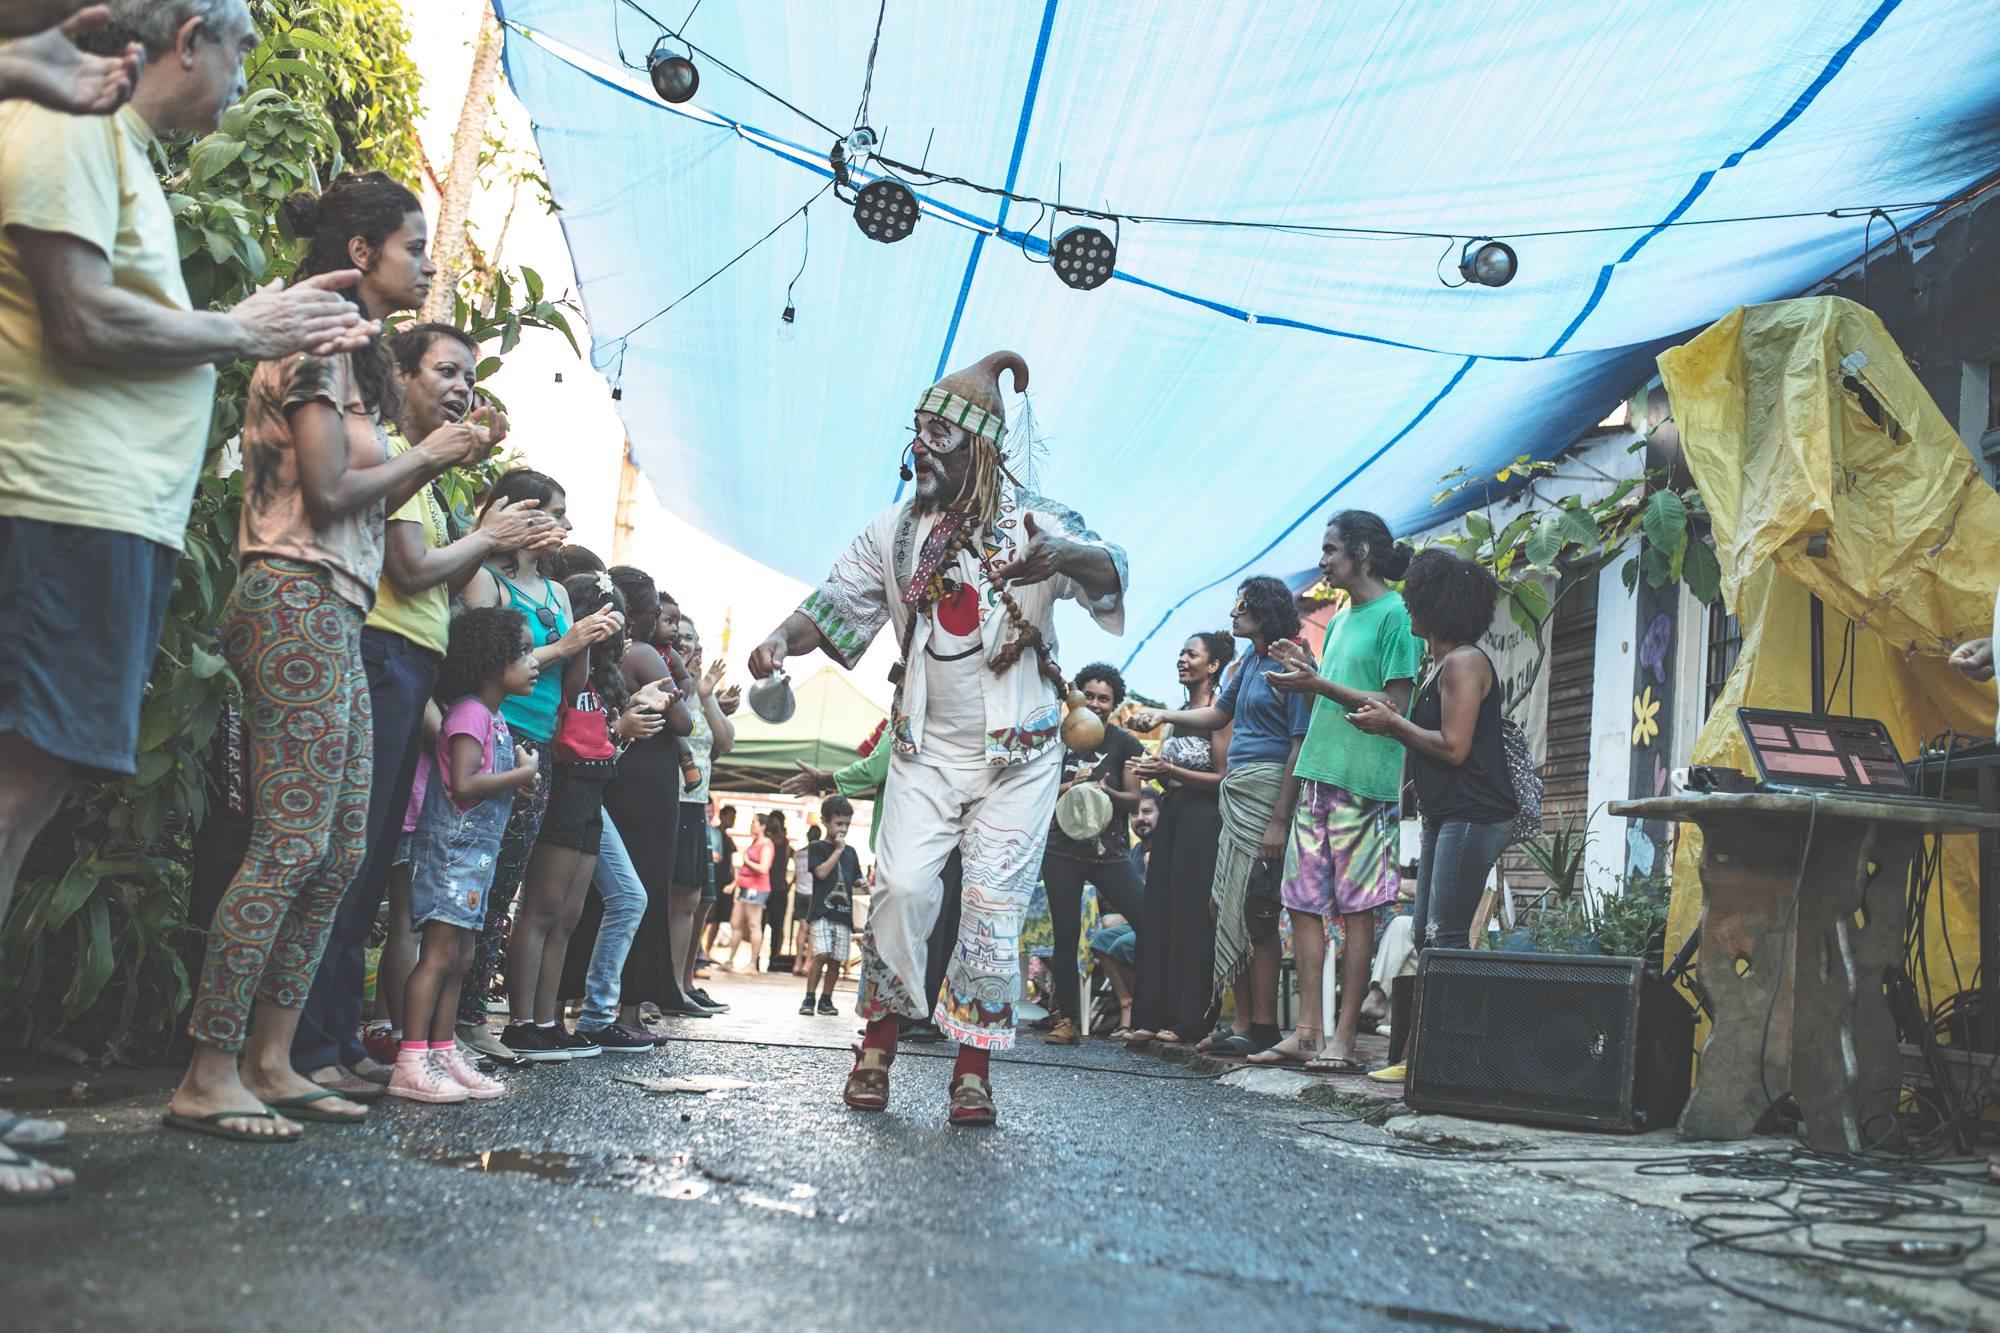 Atividades Culturais promovidas pelo MSV. Foto: Thiago Araujo